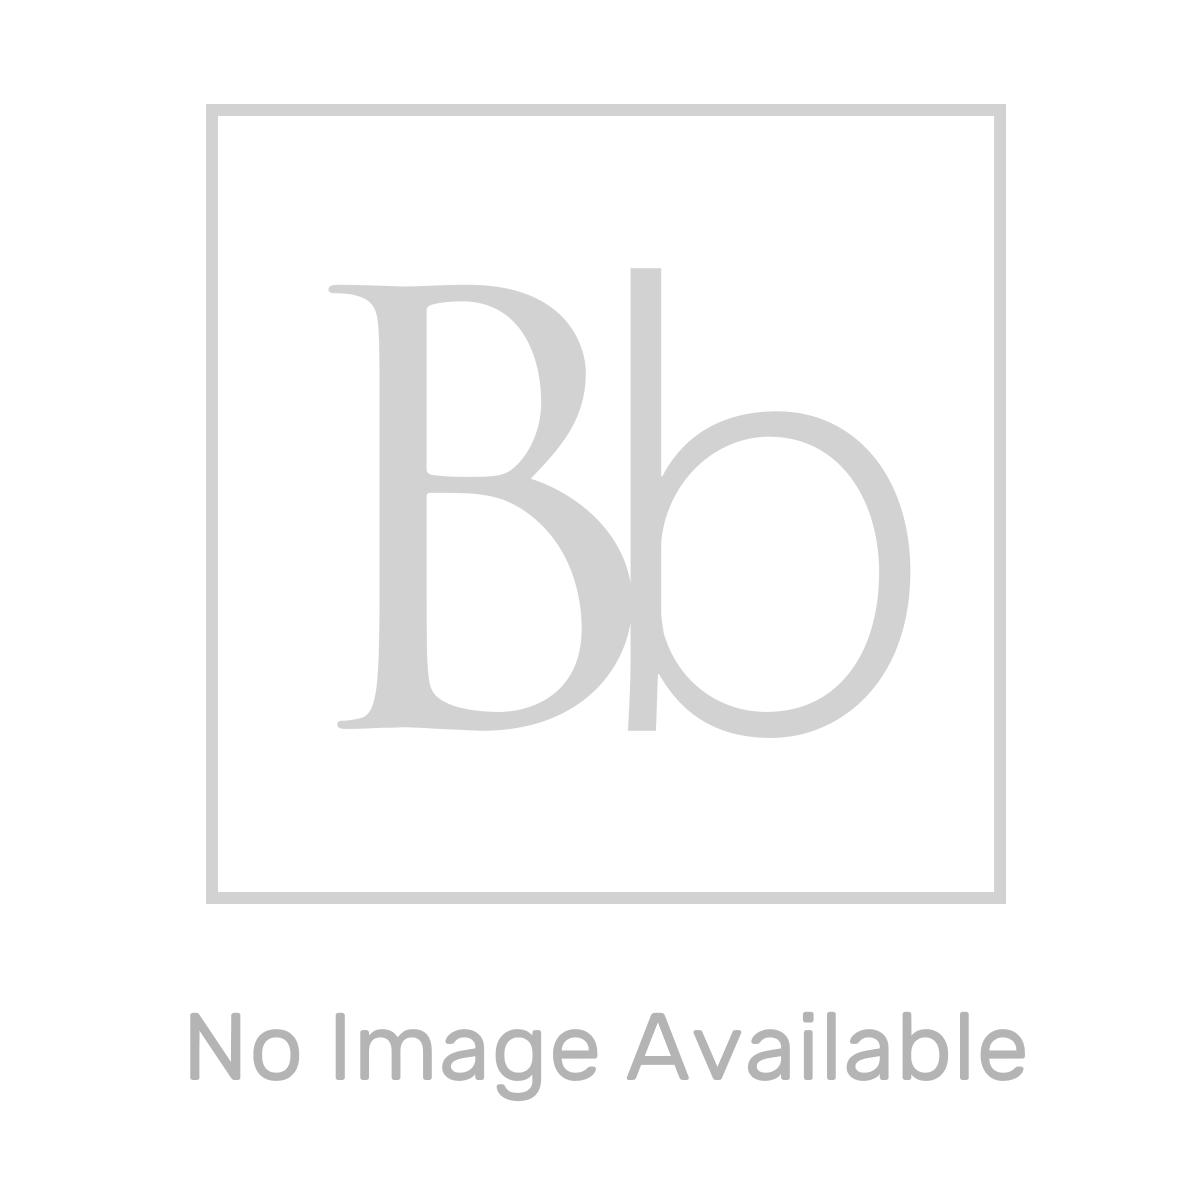 Adora Polished Stainless Steel Designer Radiator Detail 1